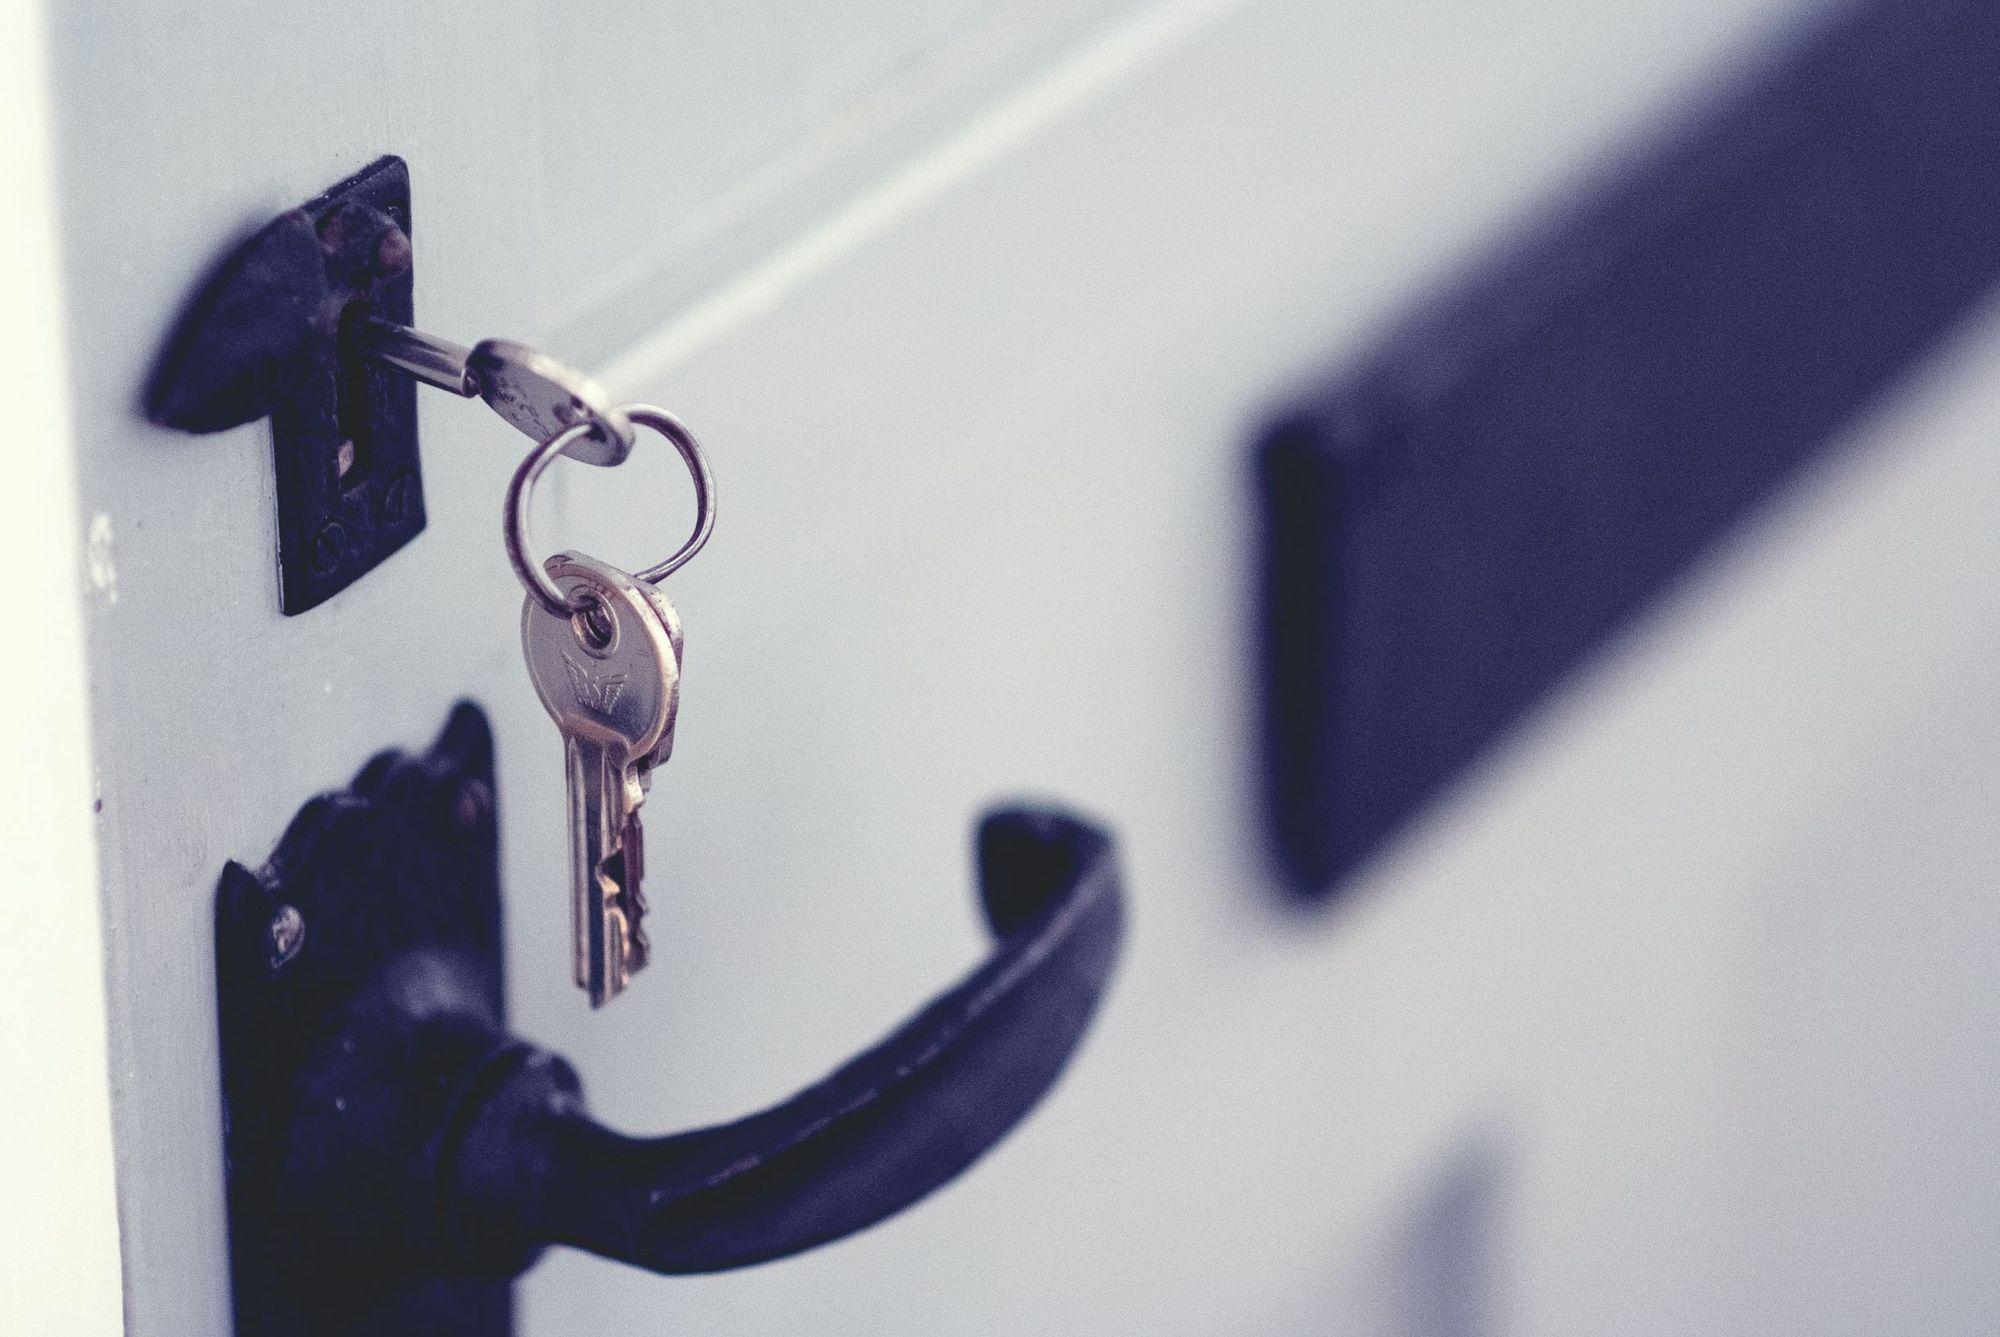 Keys dangling from door